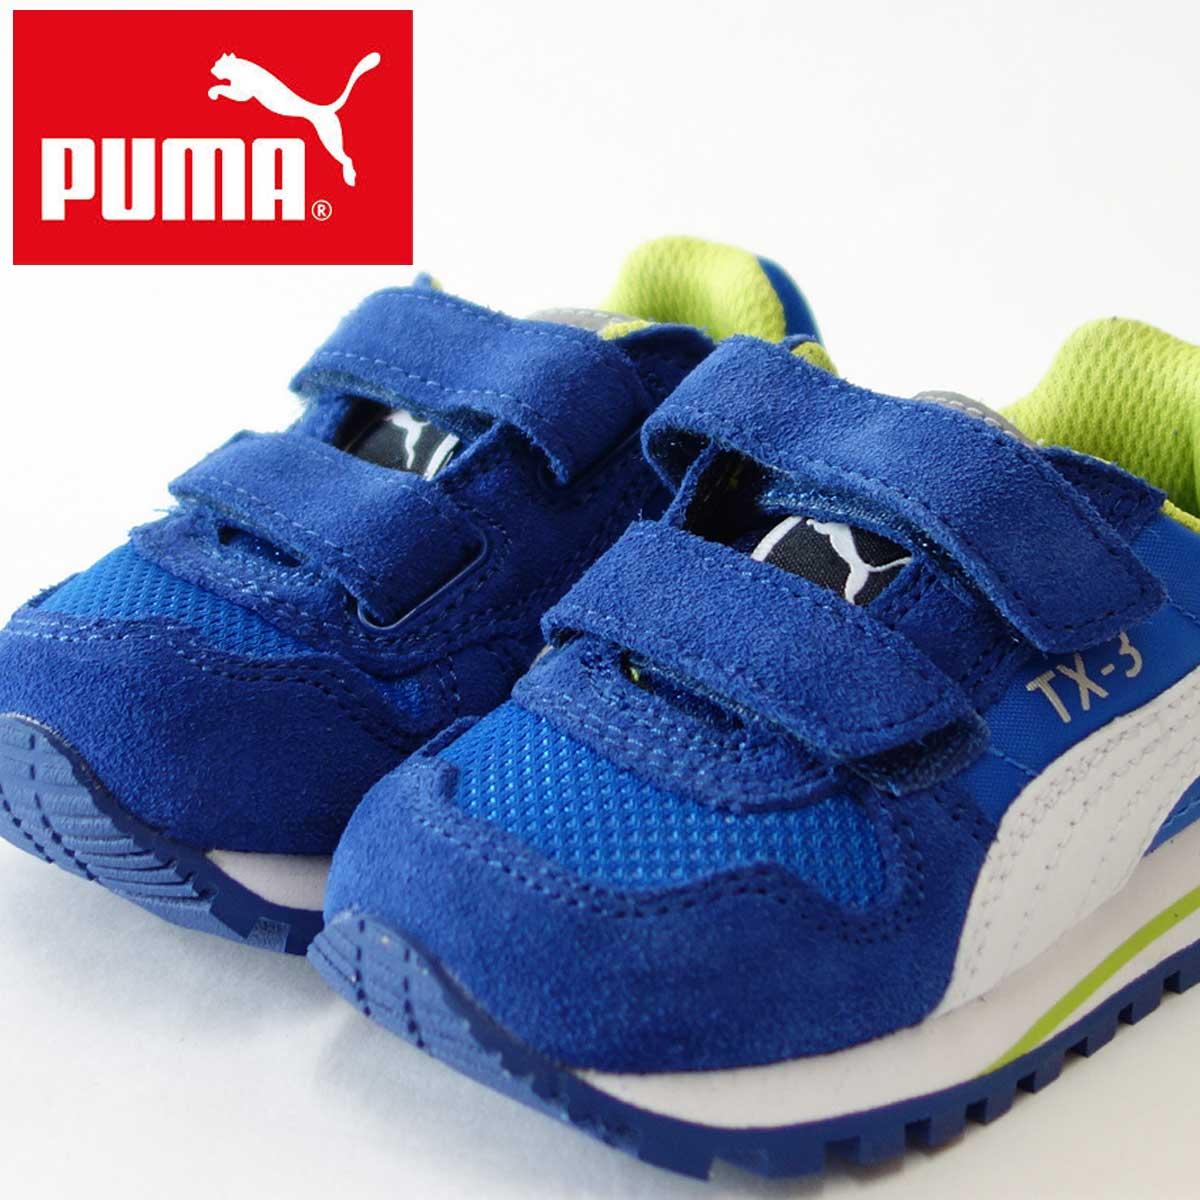 PUMA プーマ 357313 TX-3 V キッズカラー:puma royal-white「靴」子供「靴」